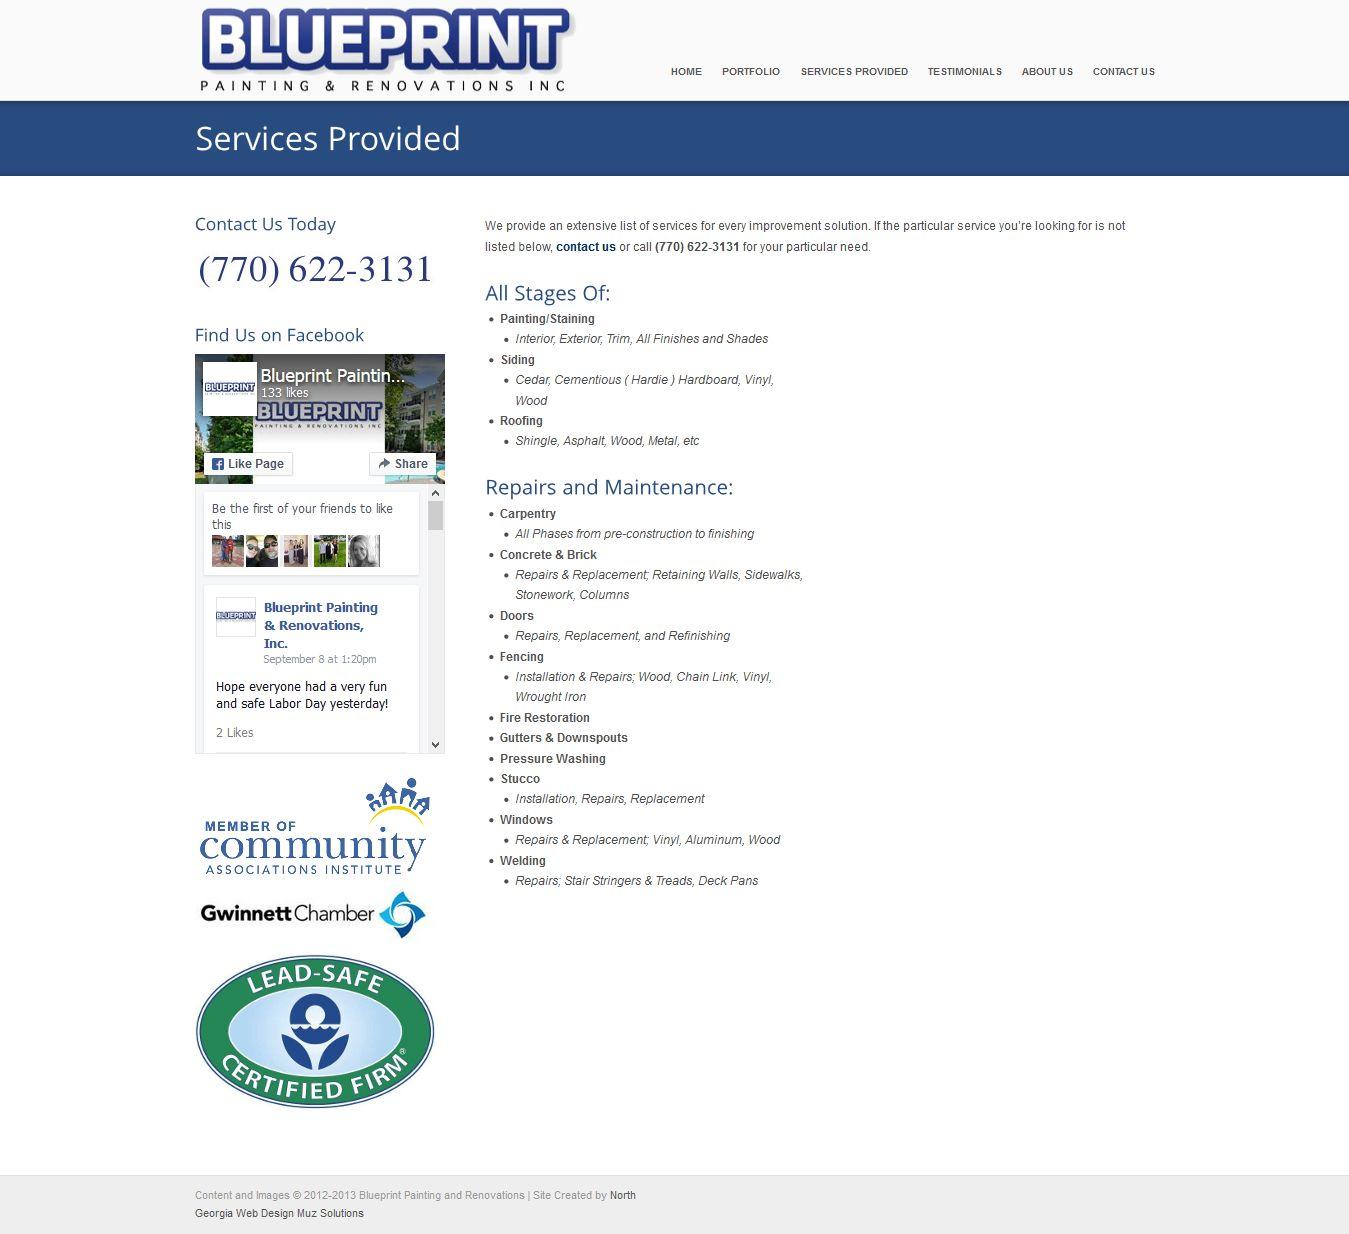 BlueprintPaintingandRenovationsServices